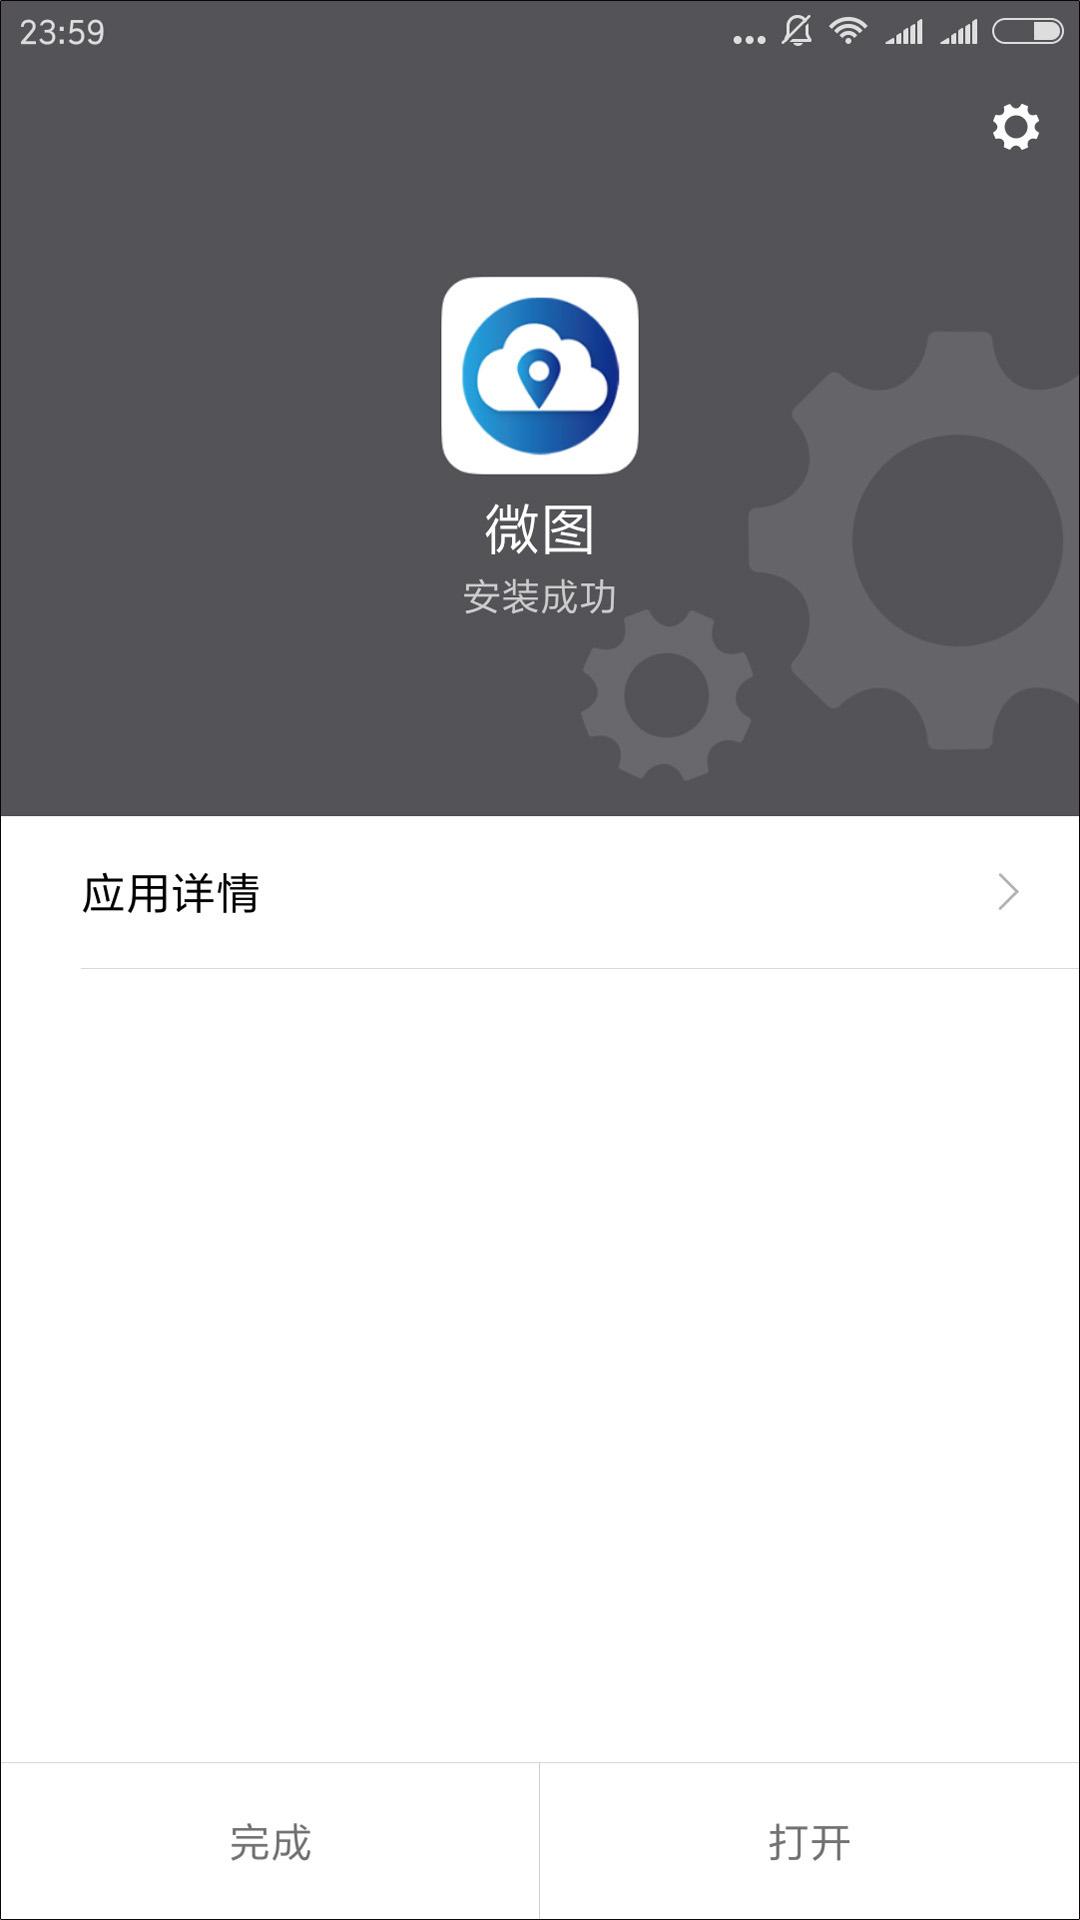 13微图APP下载安装.jpg